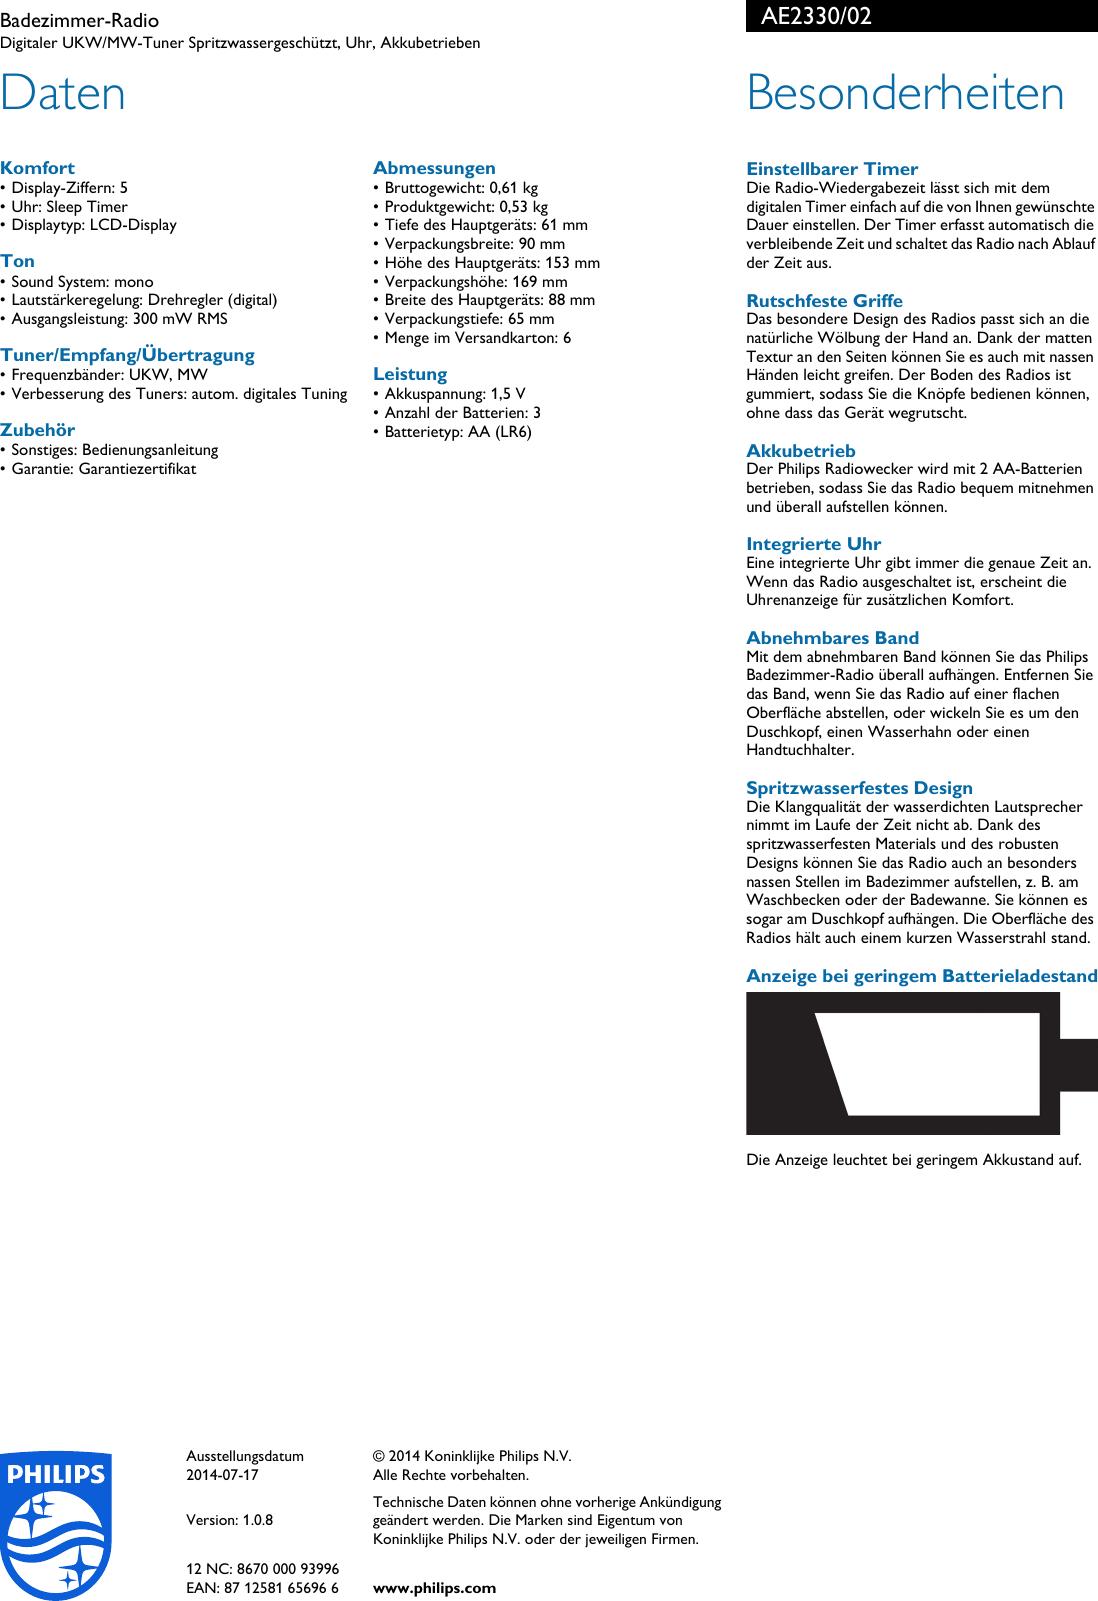 Page 2 Of Philips AE2330/02 Badezimmer Radio User Manual Datenblatt Ae2330  02 Pss